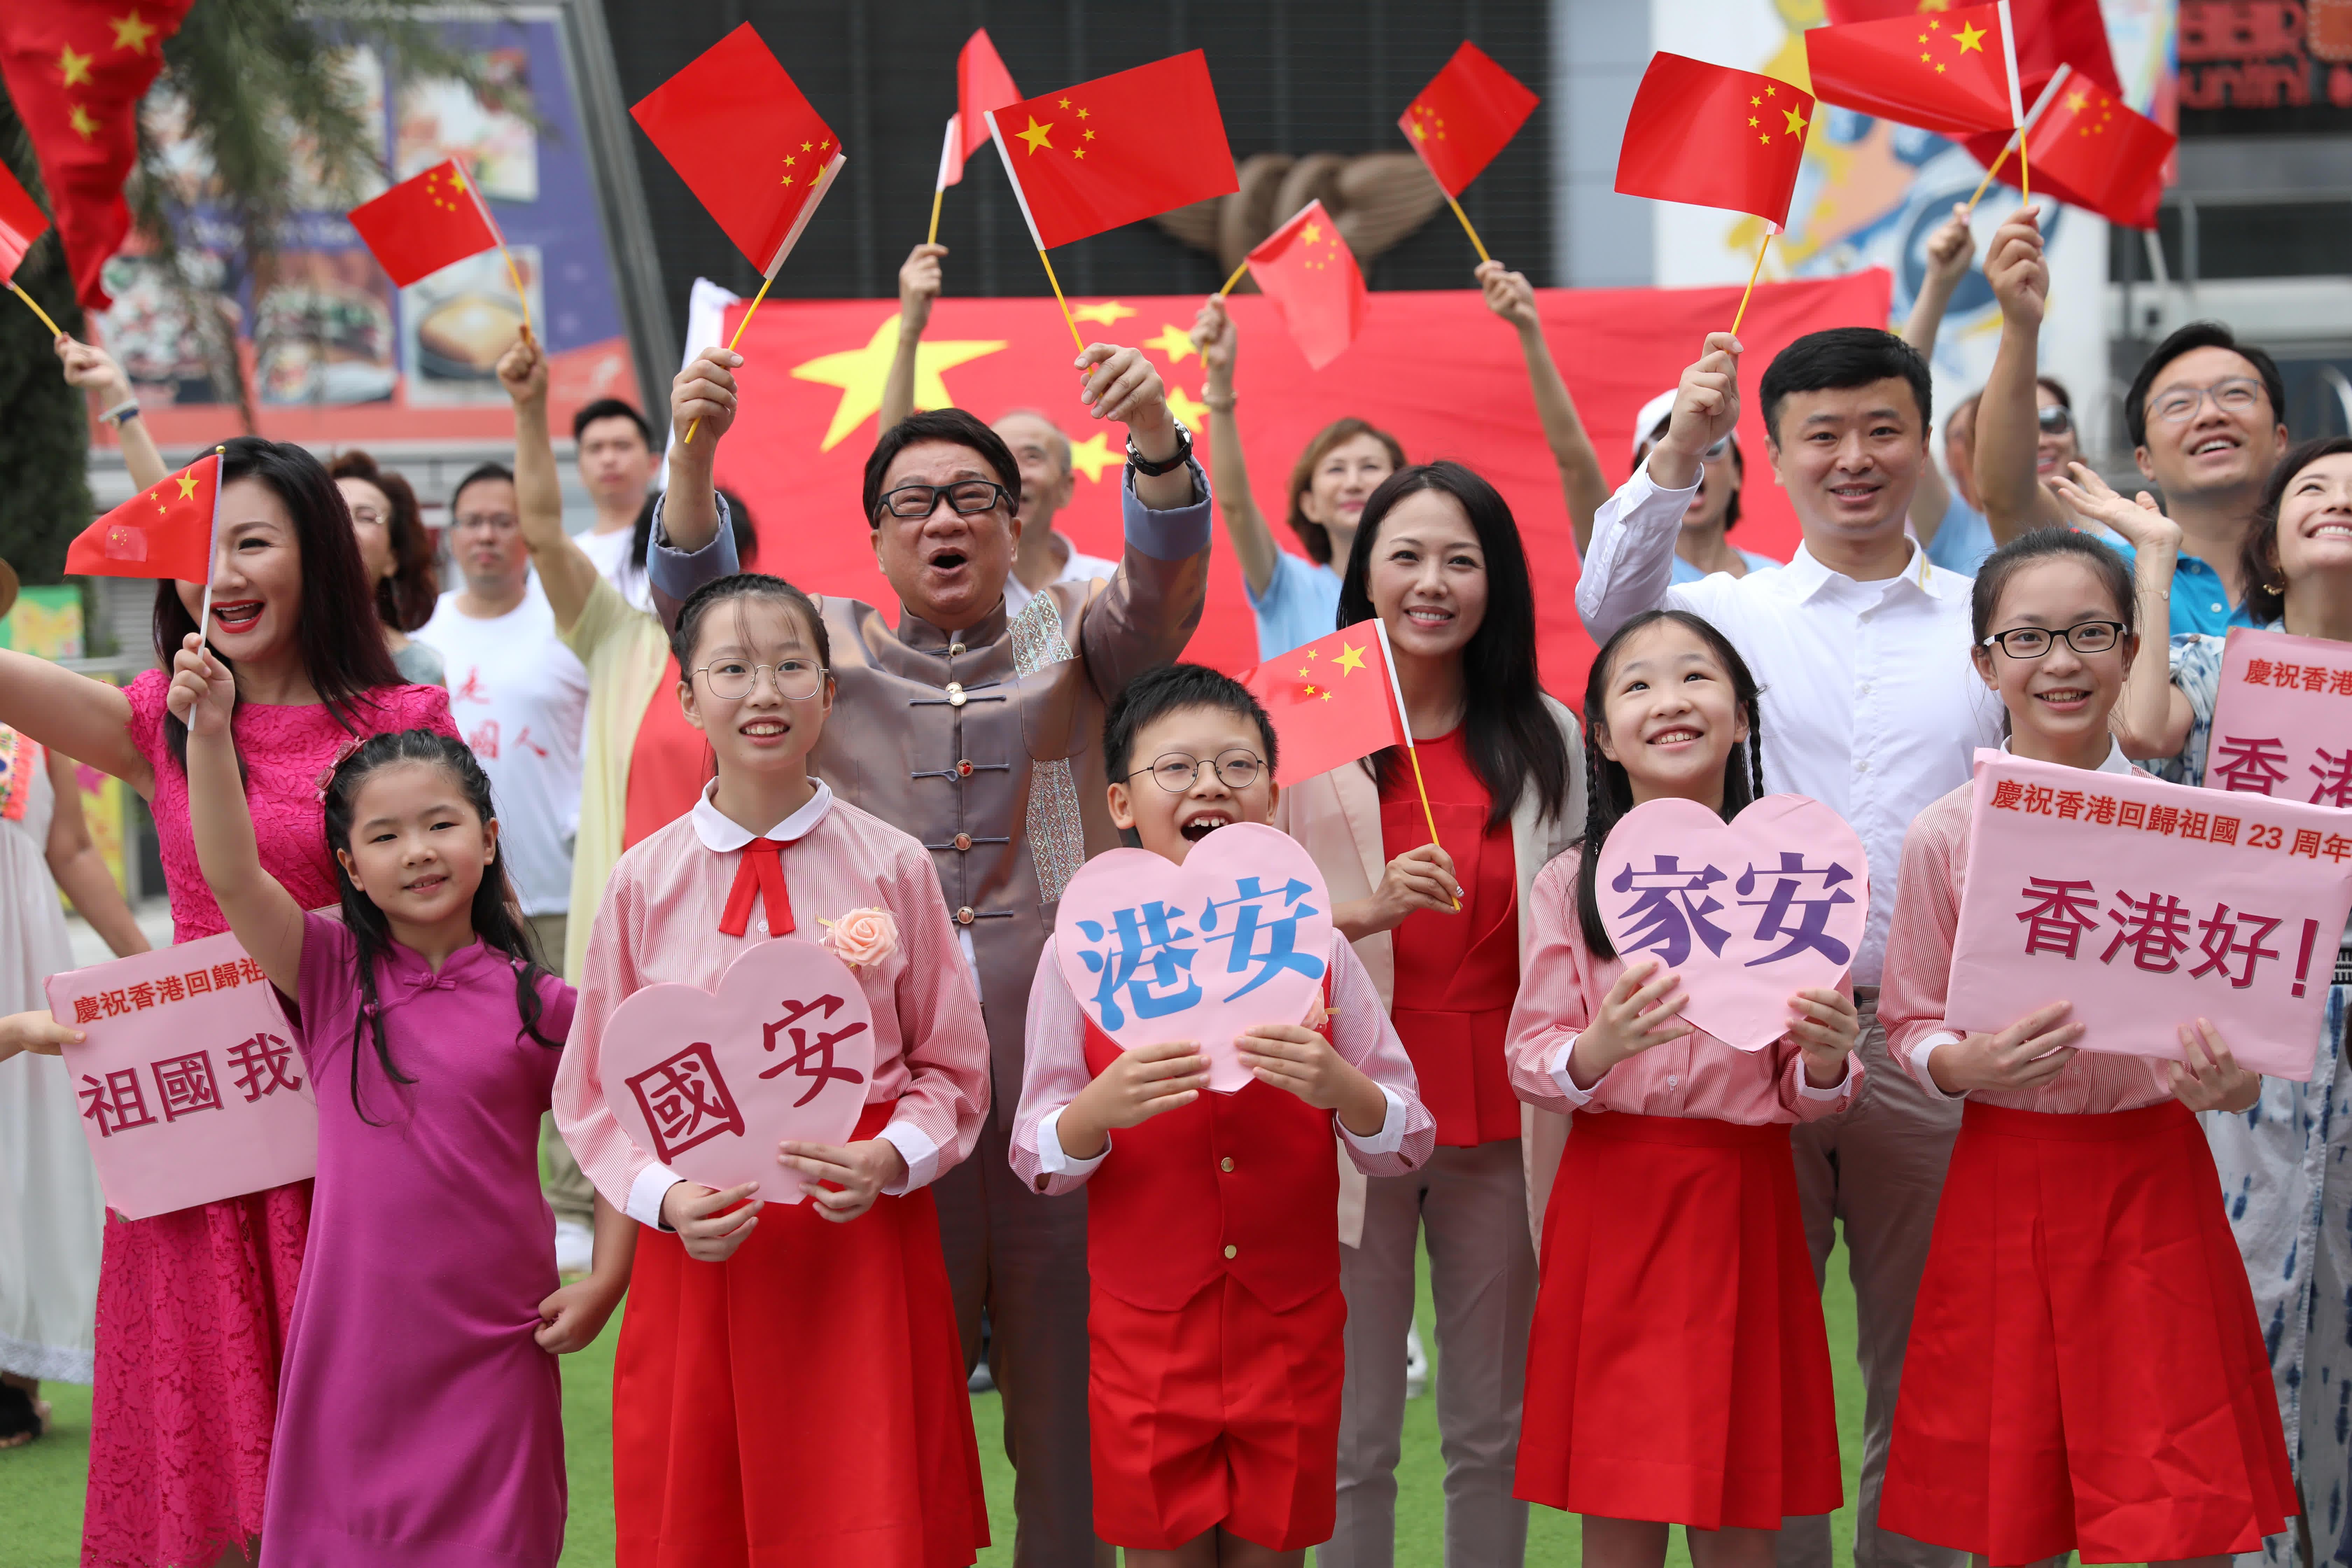 外国媒体:在香港部分人士反中的问题上,西方国家是不